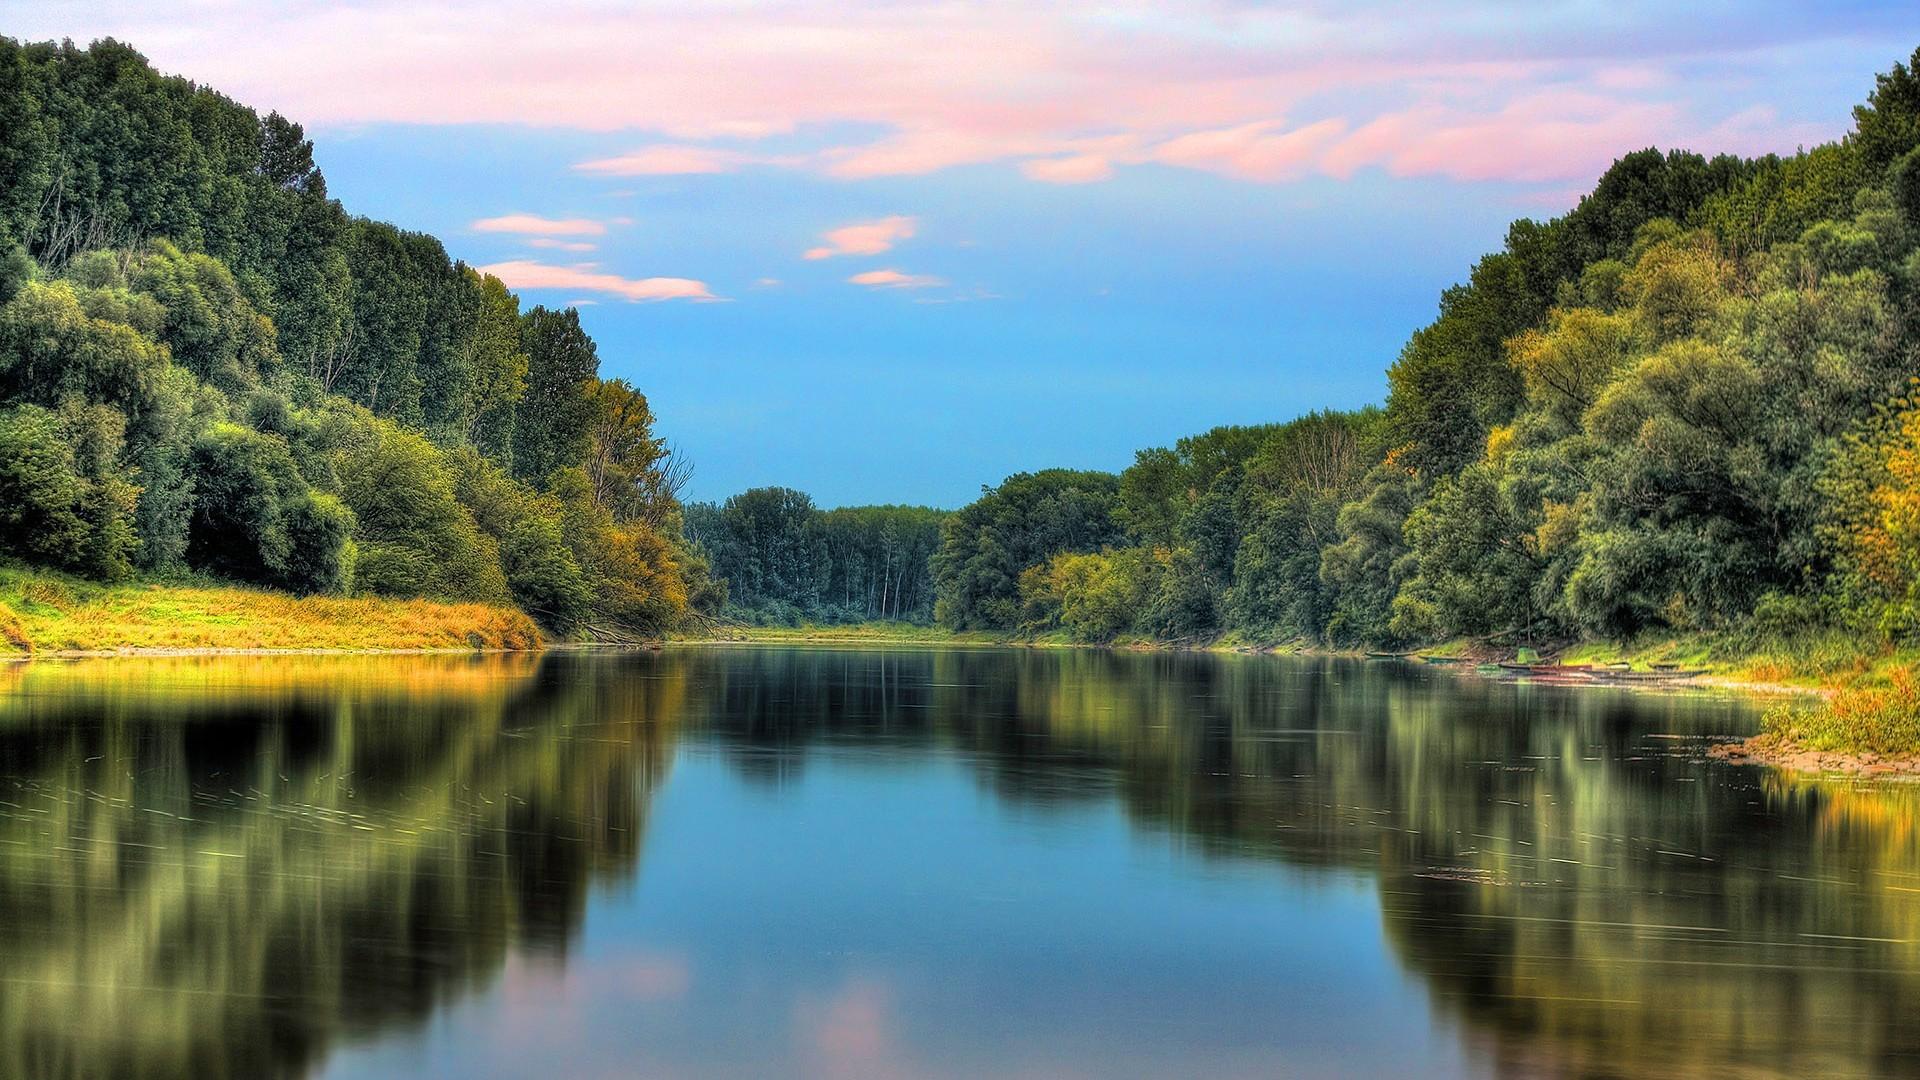 Fall Wallpaper For Tablet Beautiful Lake Scene Nature